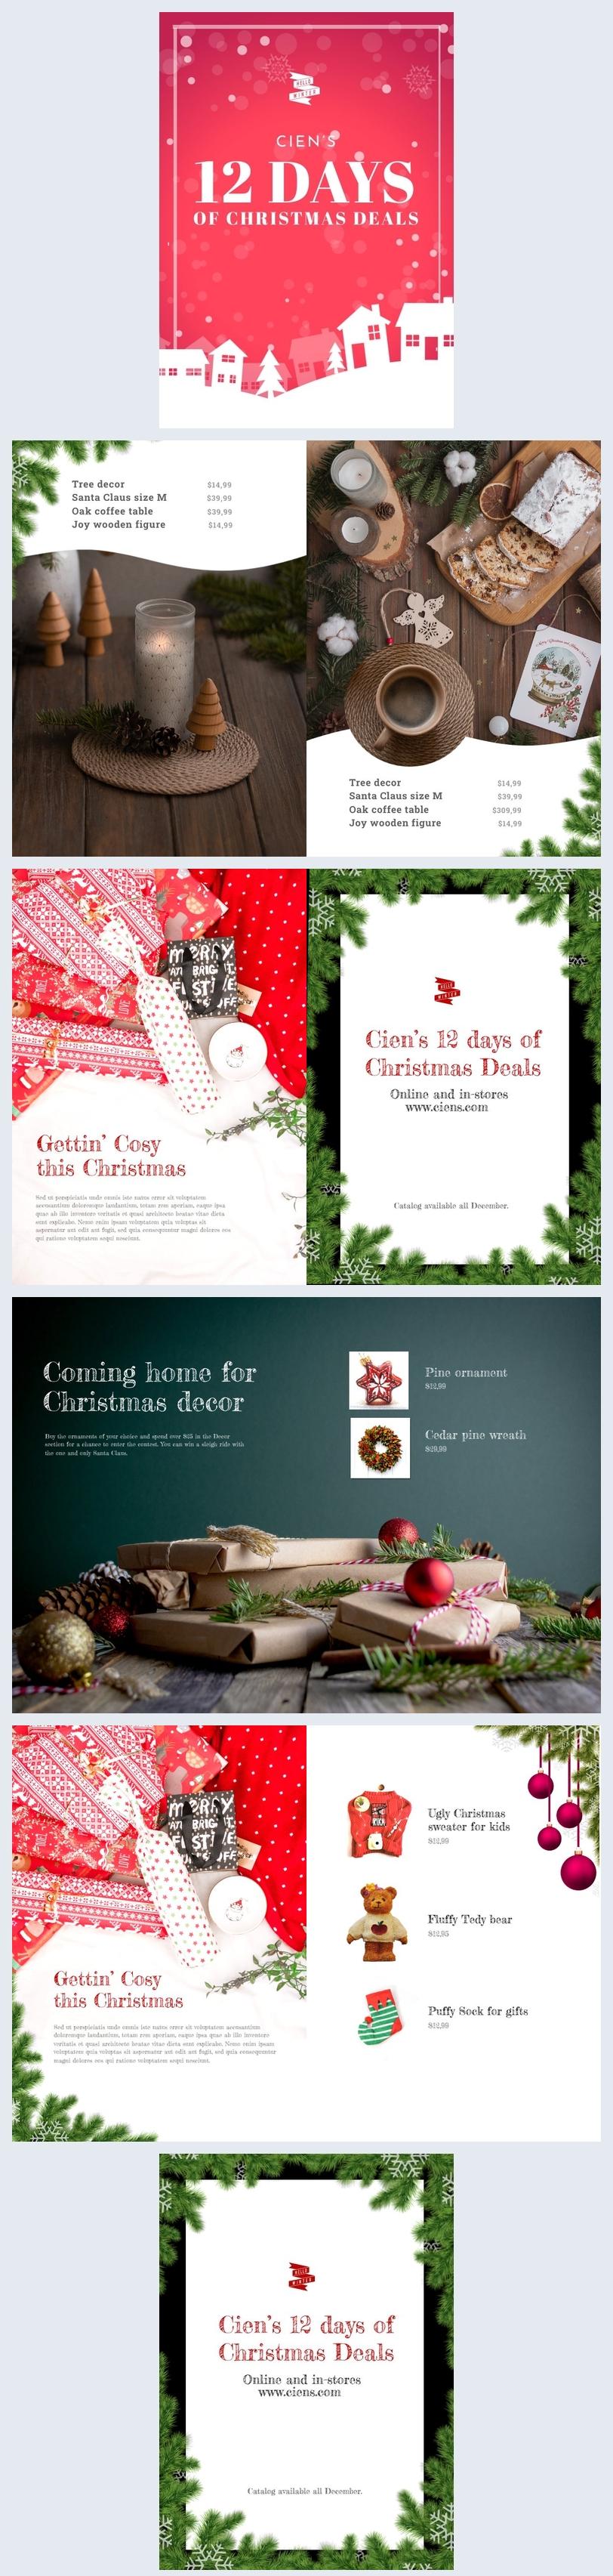 Produktkatalog-Design für Weihnachten